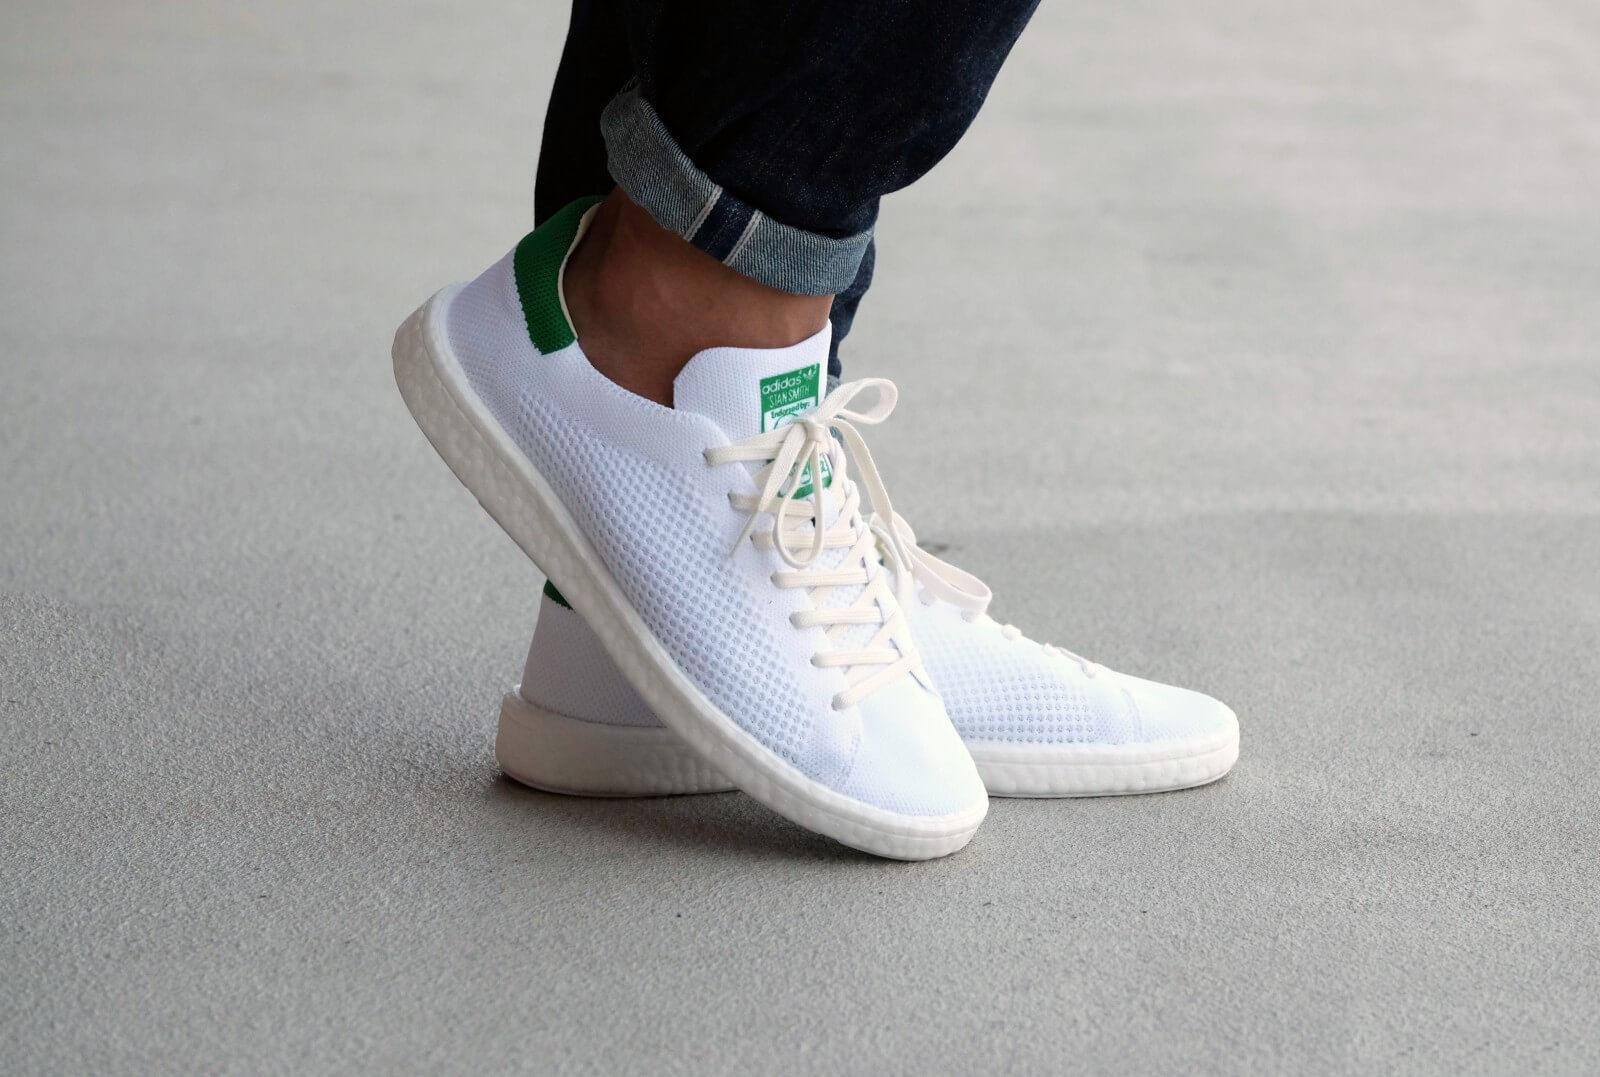 Adidas Stan Smith Boost PK Footwear